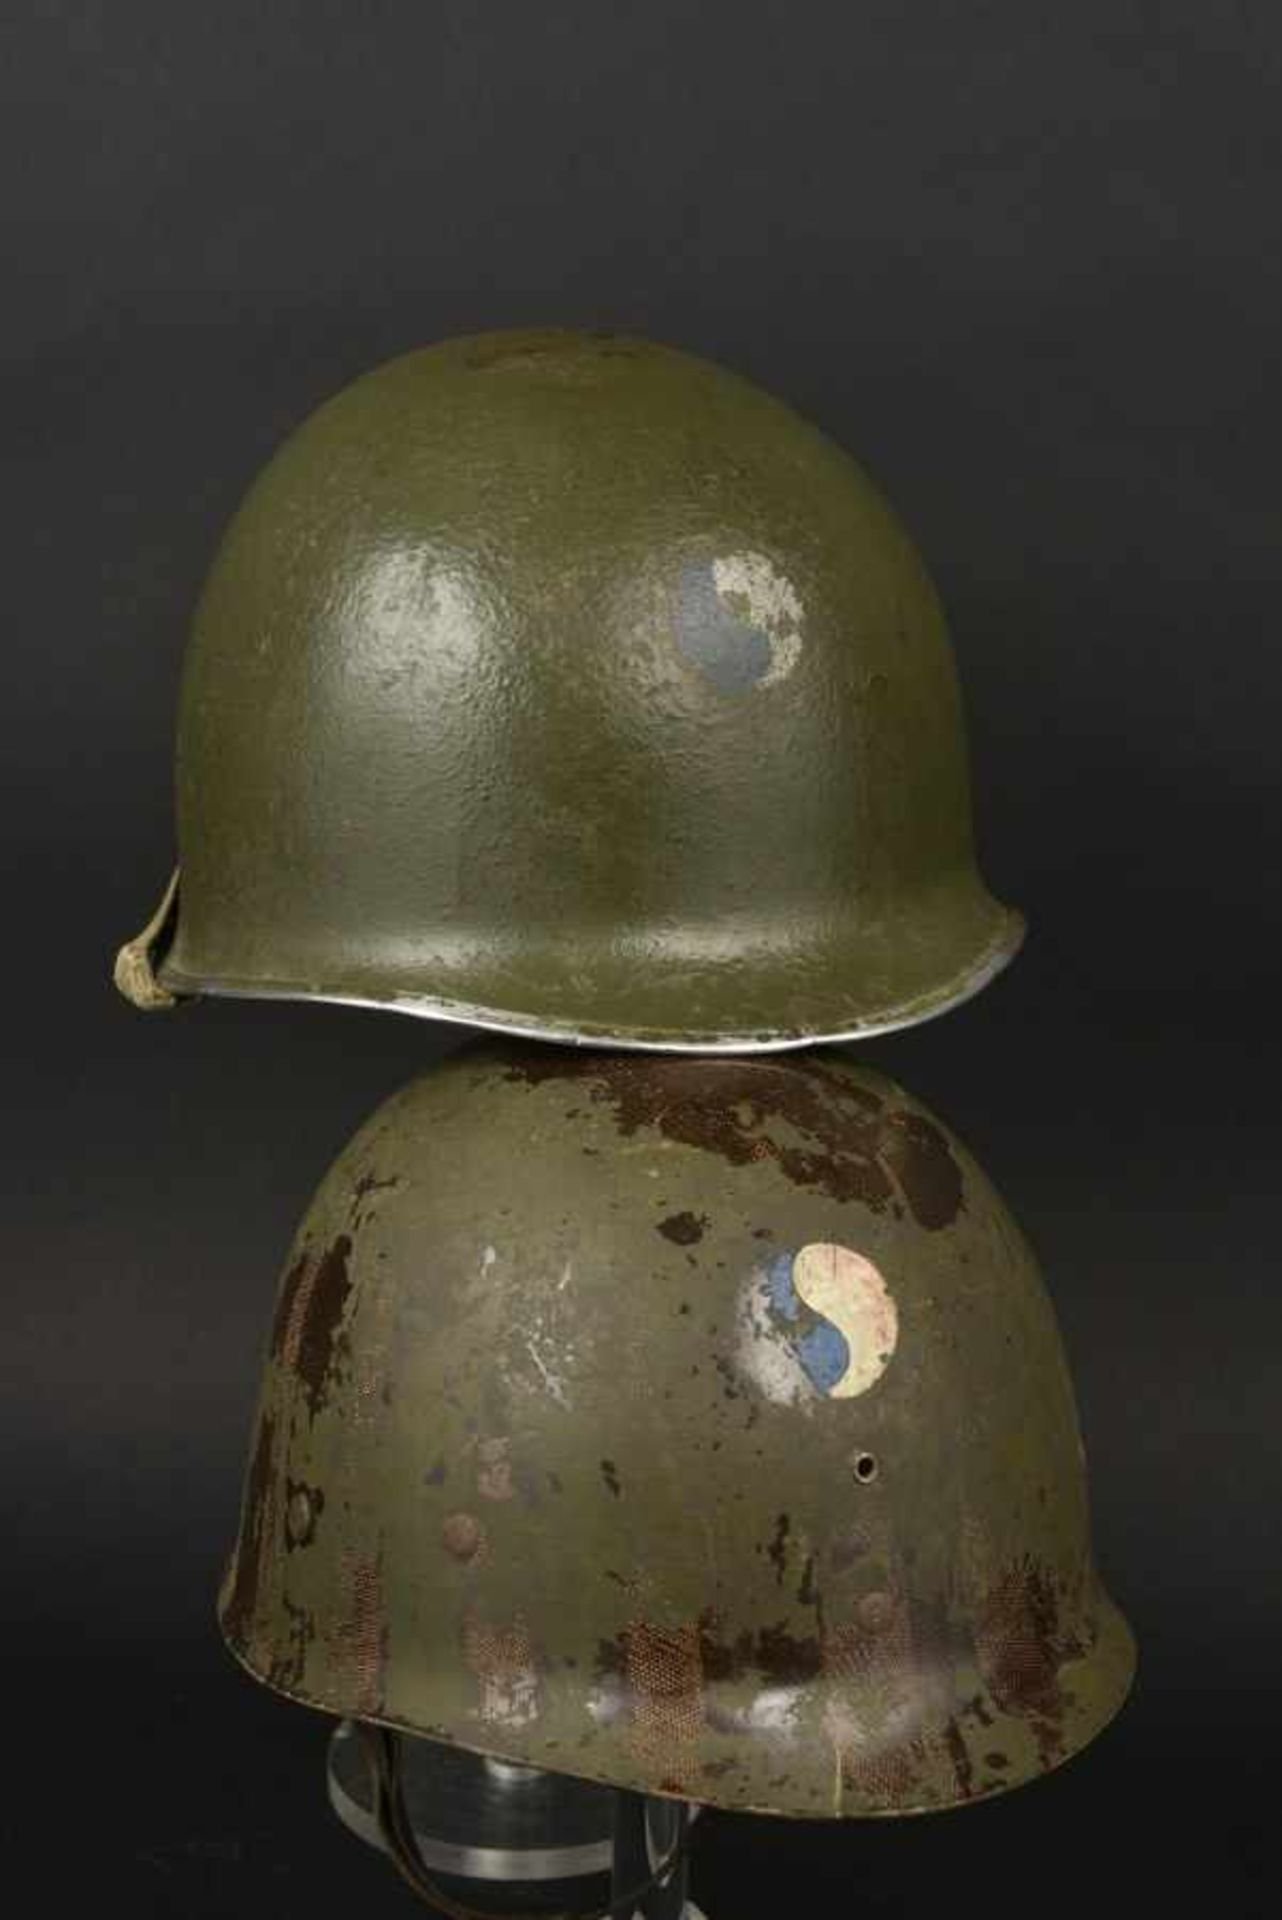 Casque du sergent Prouse de la 29ème DI US. Helmet belonging to Sergeant Prouse of the 29th DI